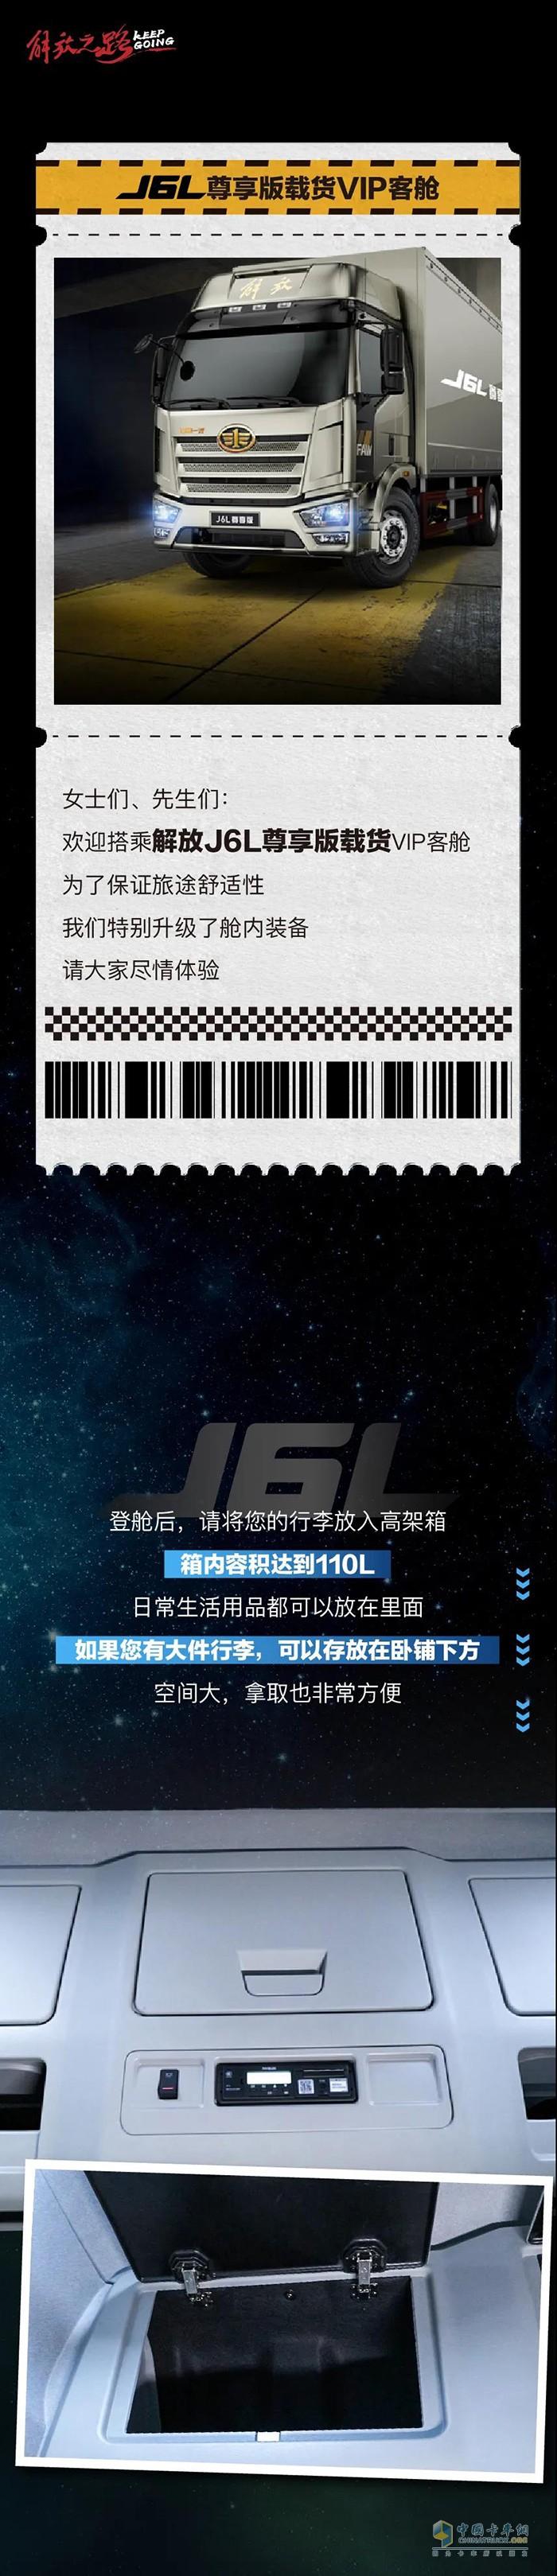 一汽解放,解放J6L尊享版,载货车